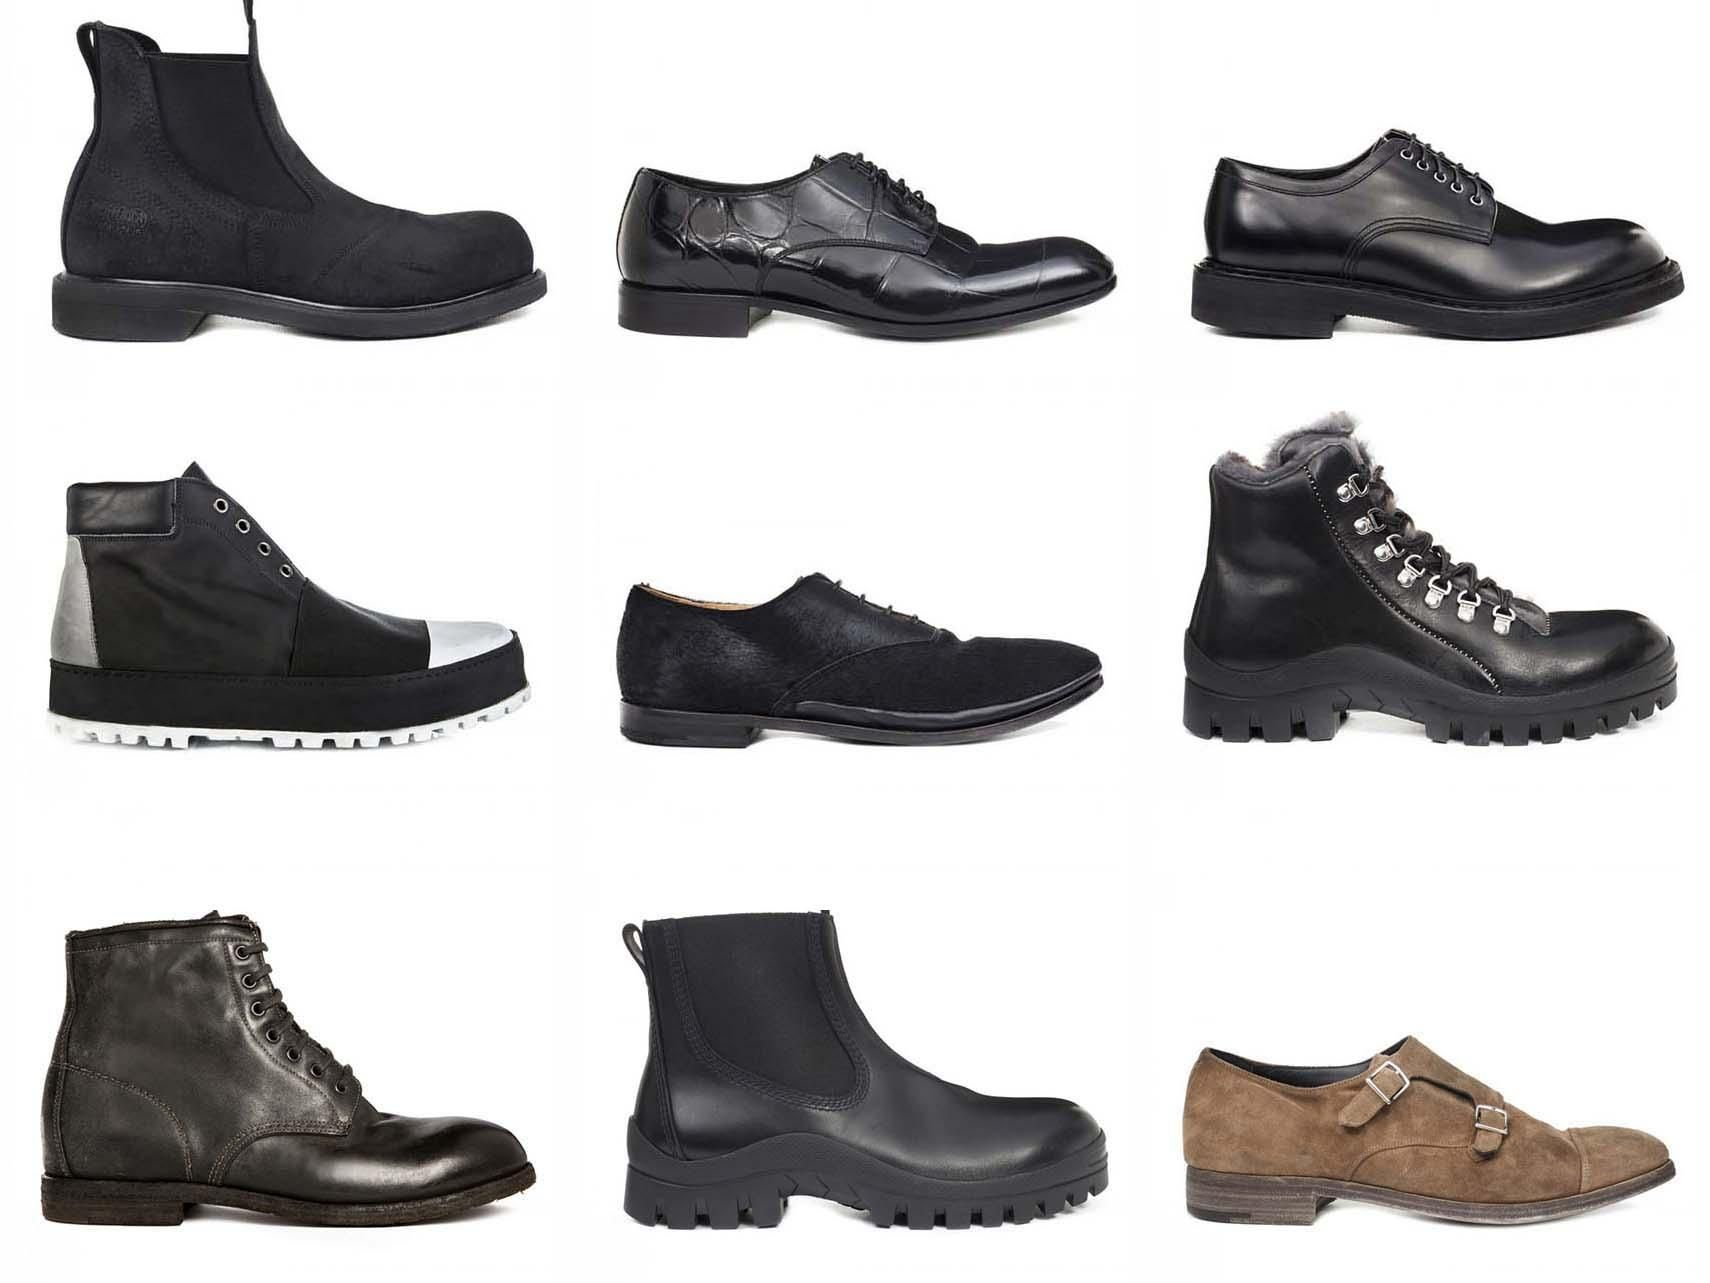 buy online 3cfbf 630a6 Catalogo Premiata scarpe e sneakers uomo 01 nelle vetrine di ...